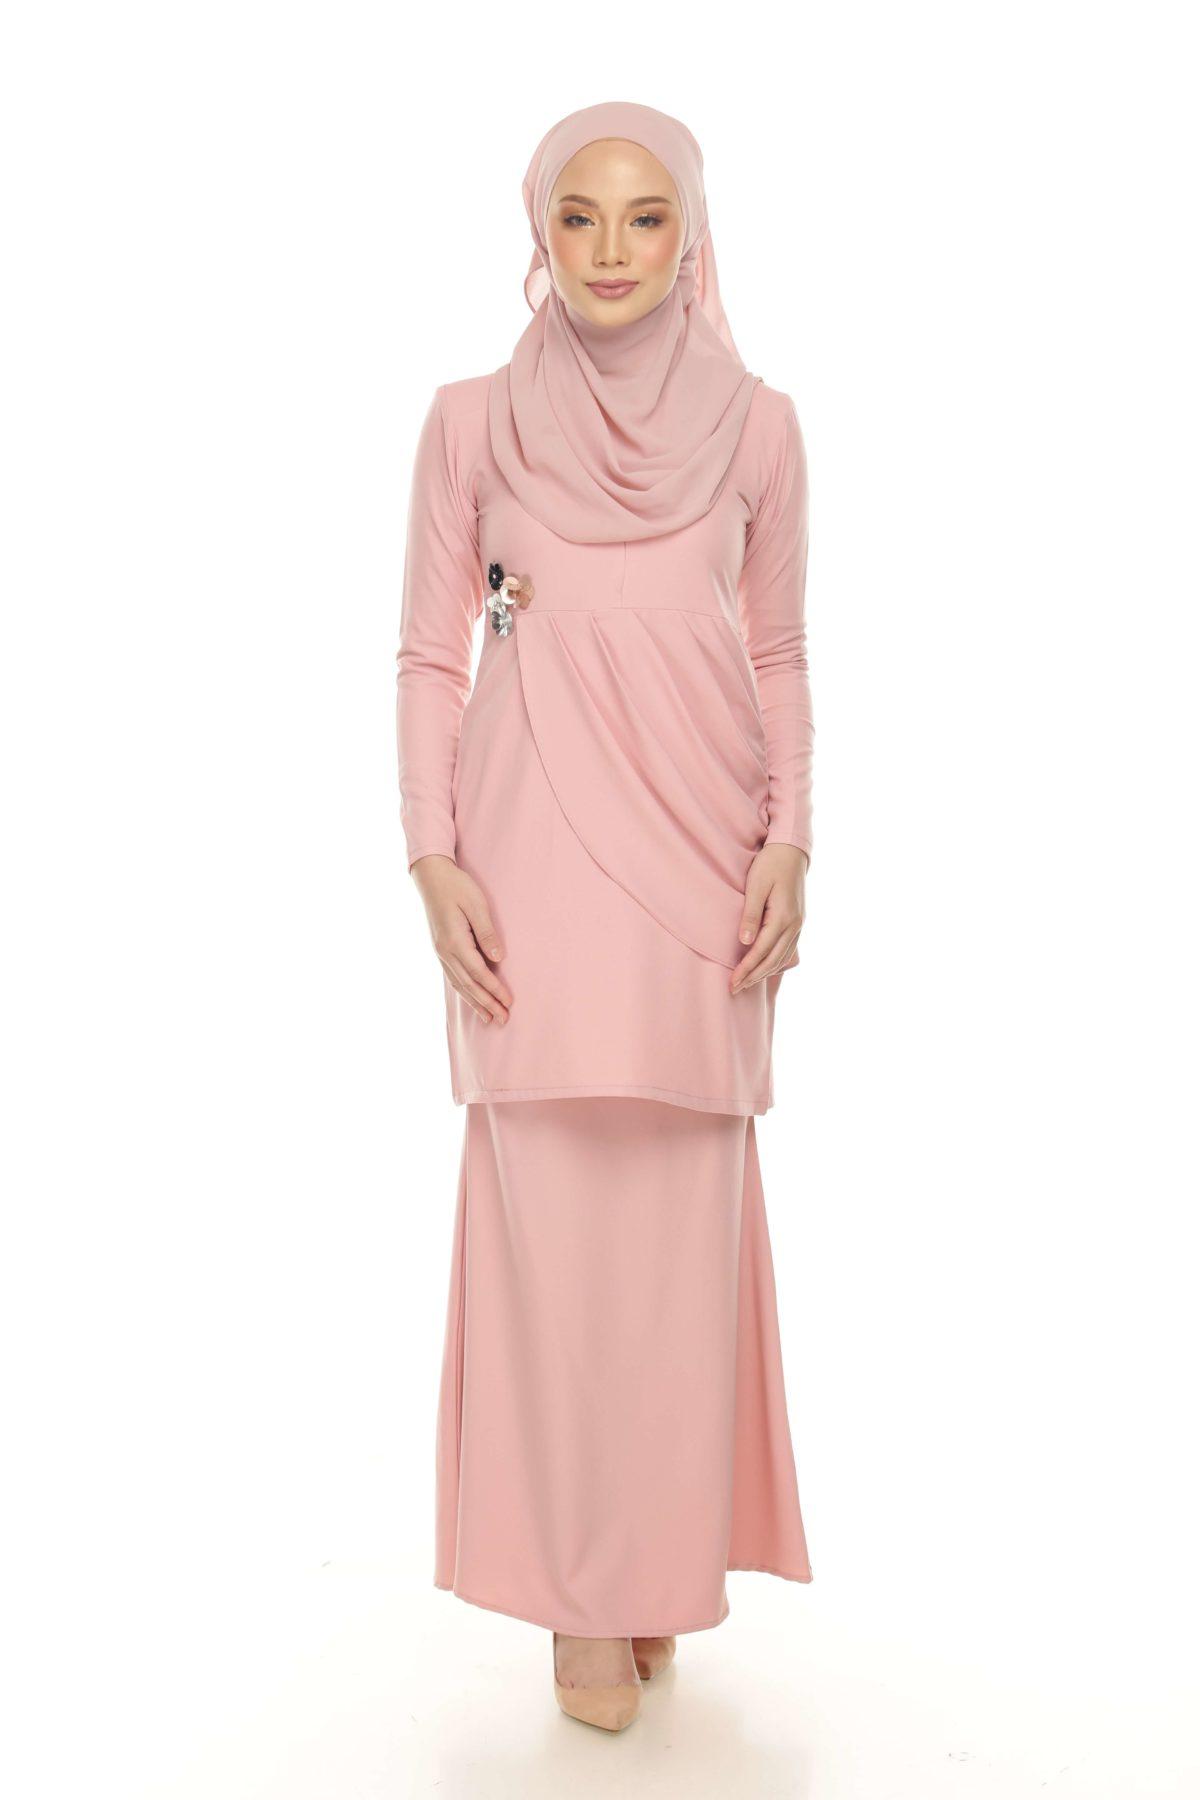 Nirmala Sakura Pink